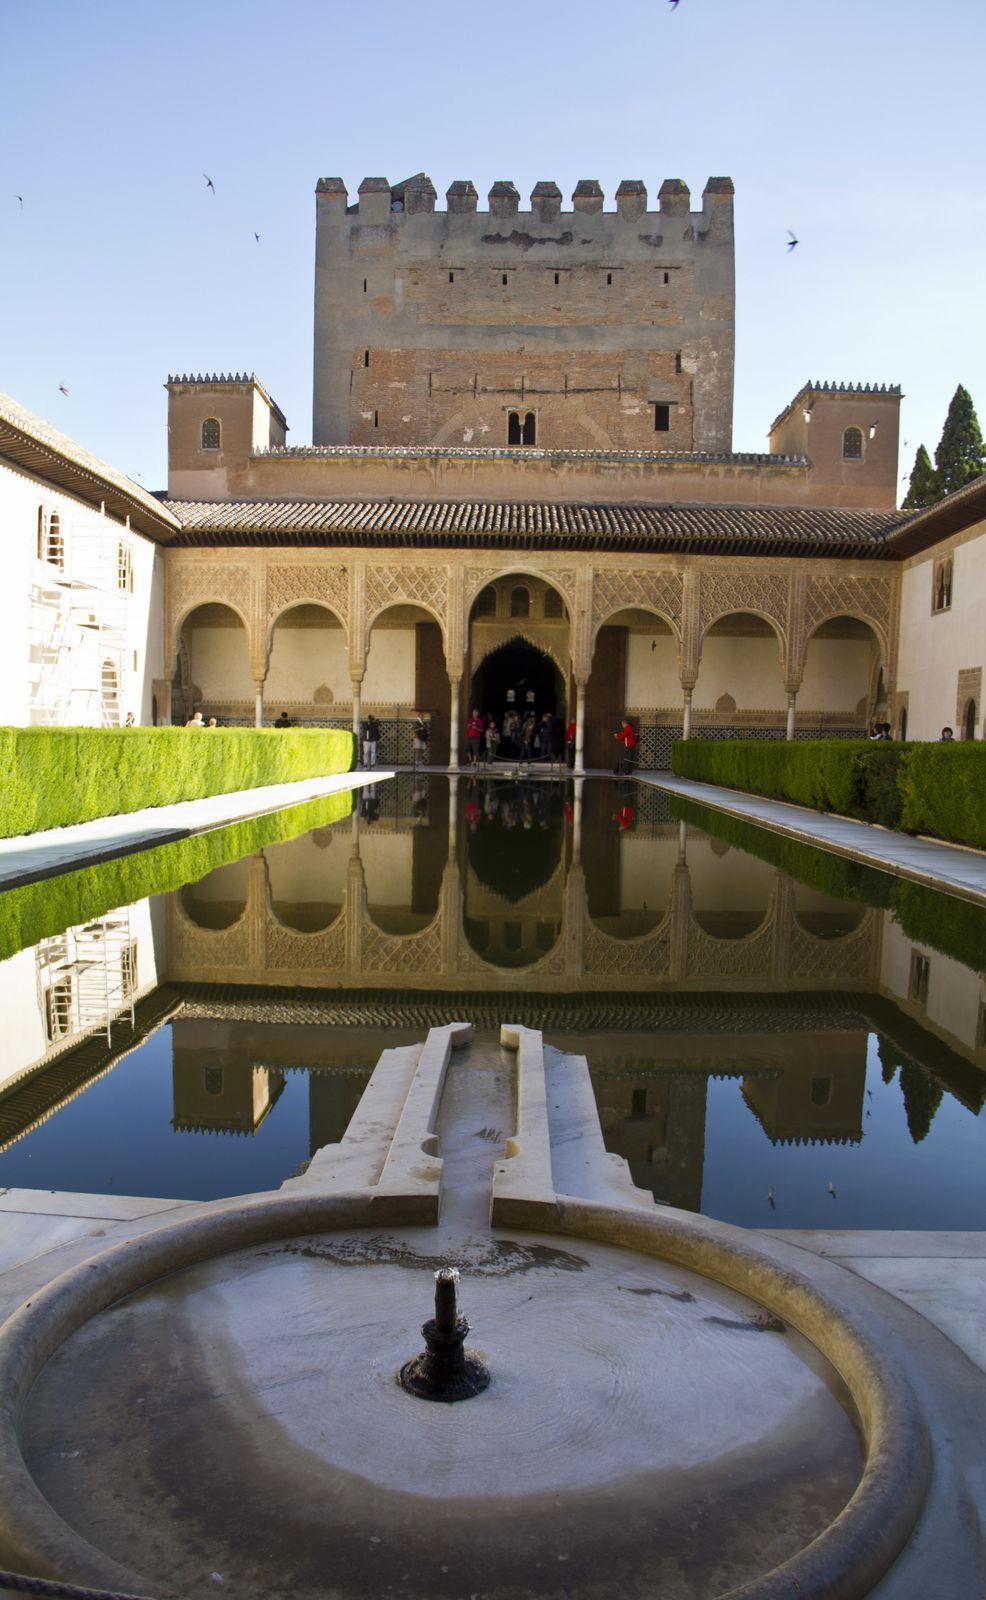 La cour des myrtes avec la tour de Comares et la cour des Lions dans le palais Nasride